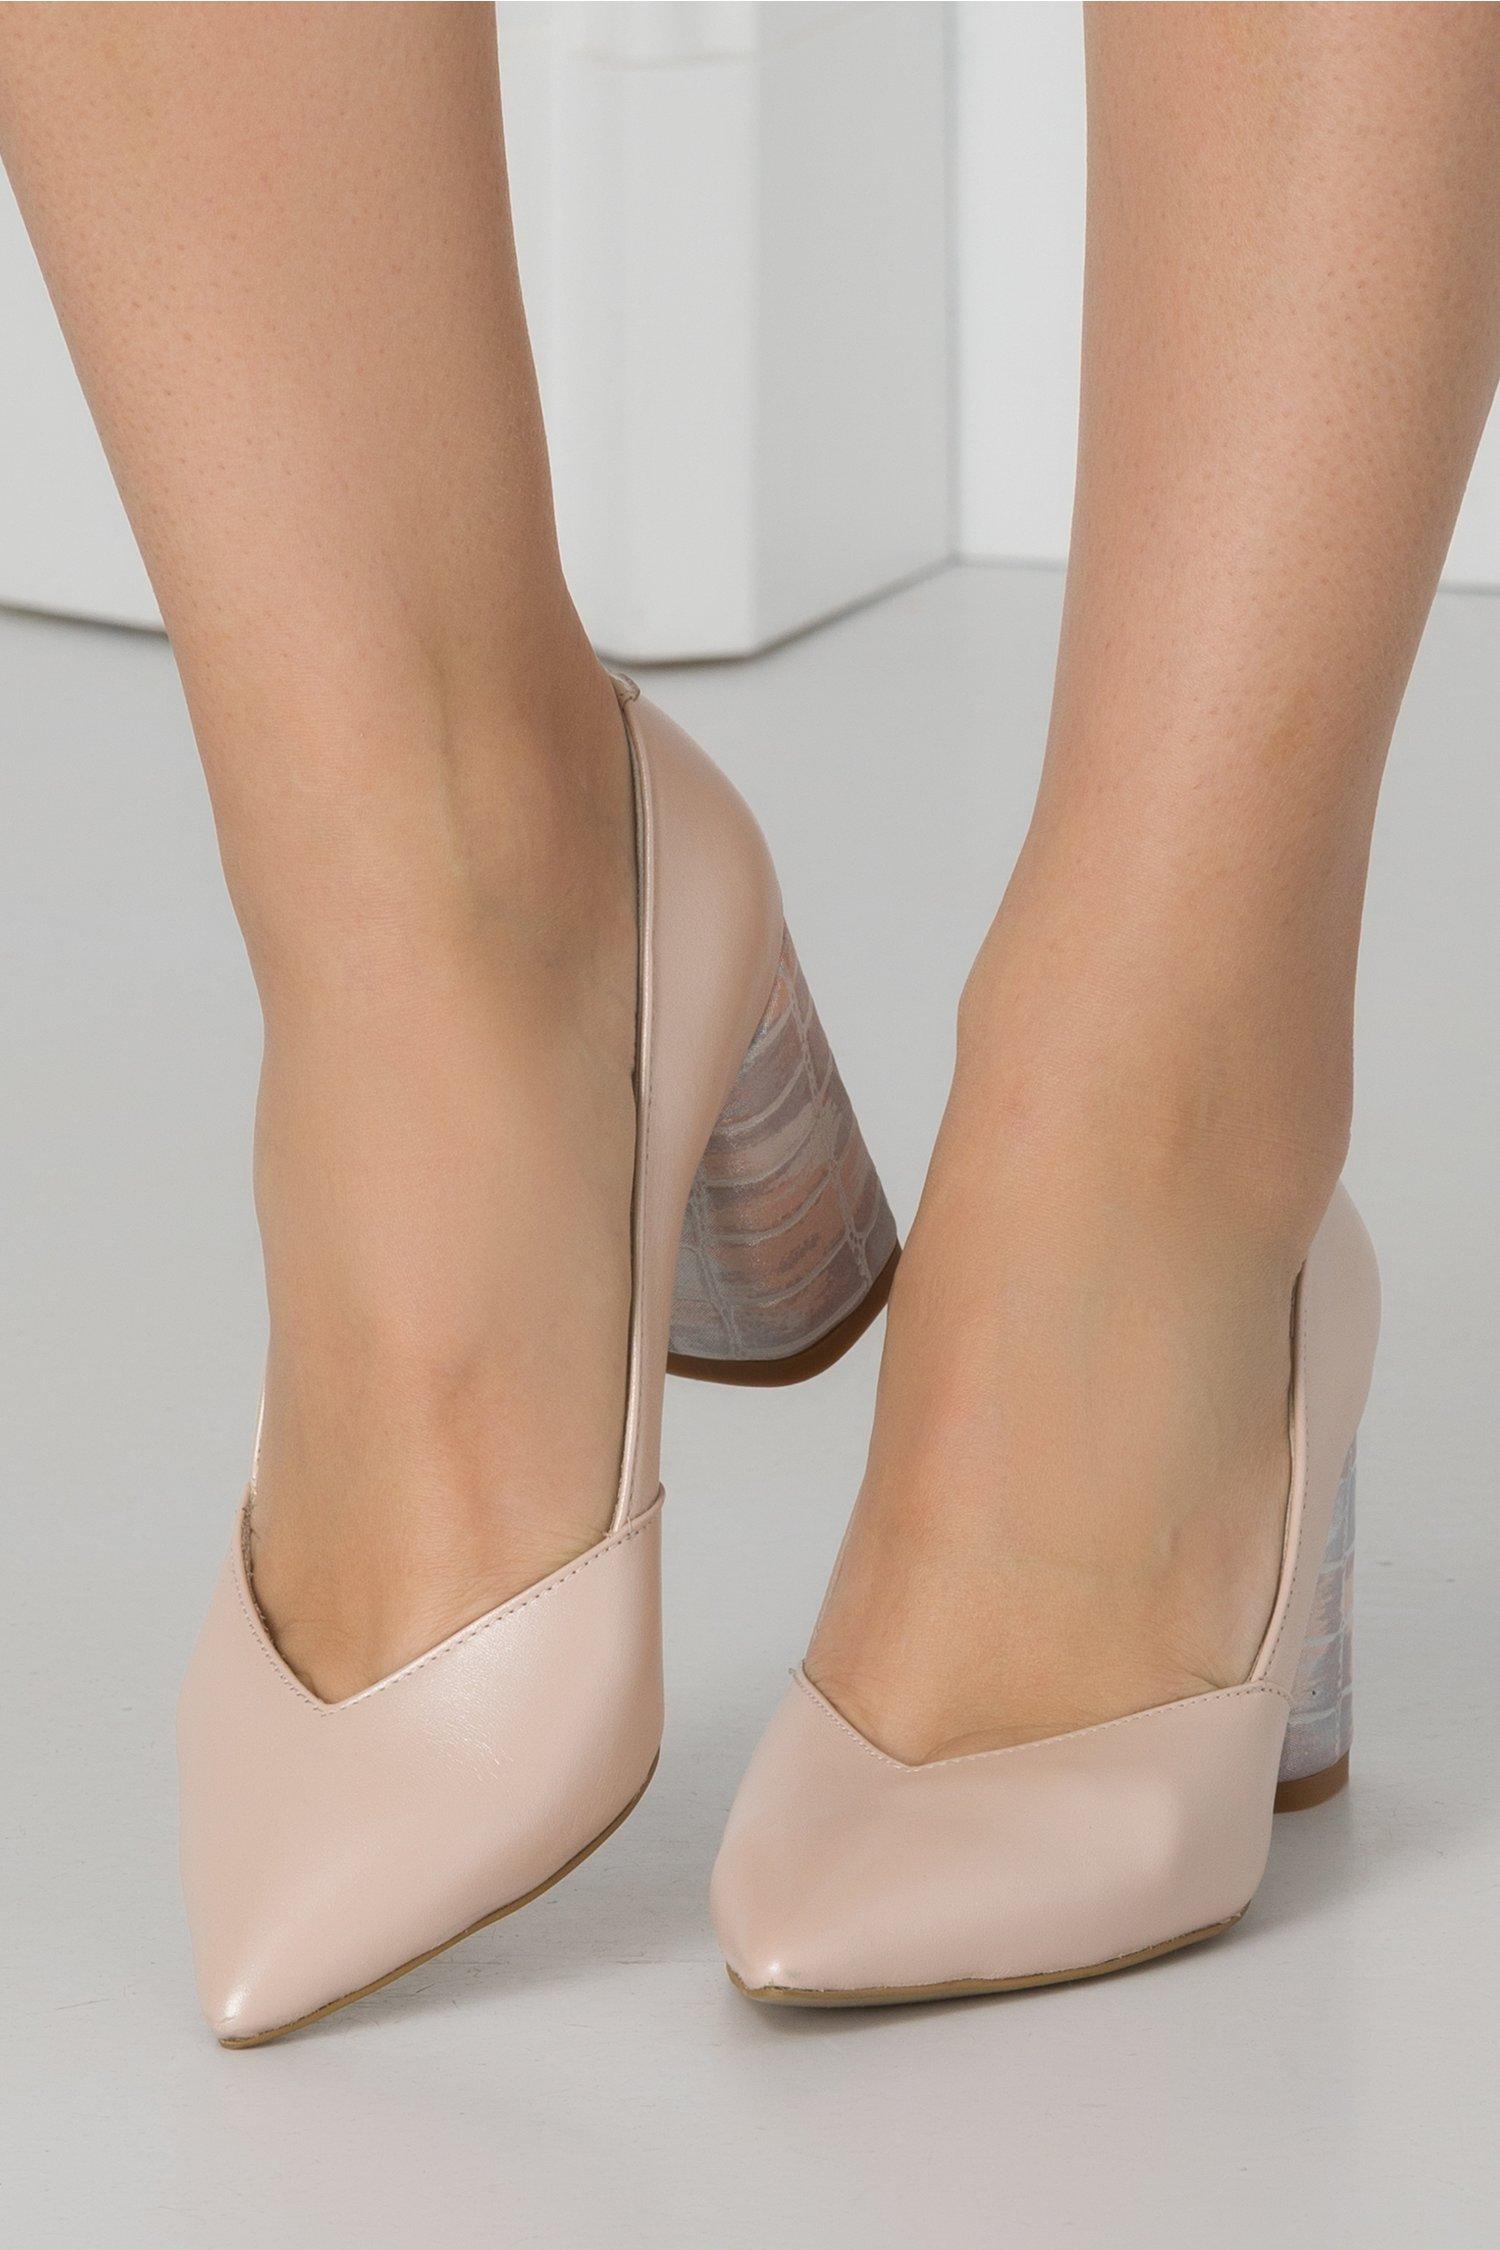 Pantofi bej perlat cu decupaj in v si toc colorat